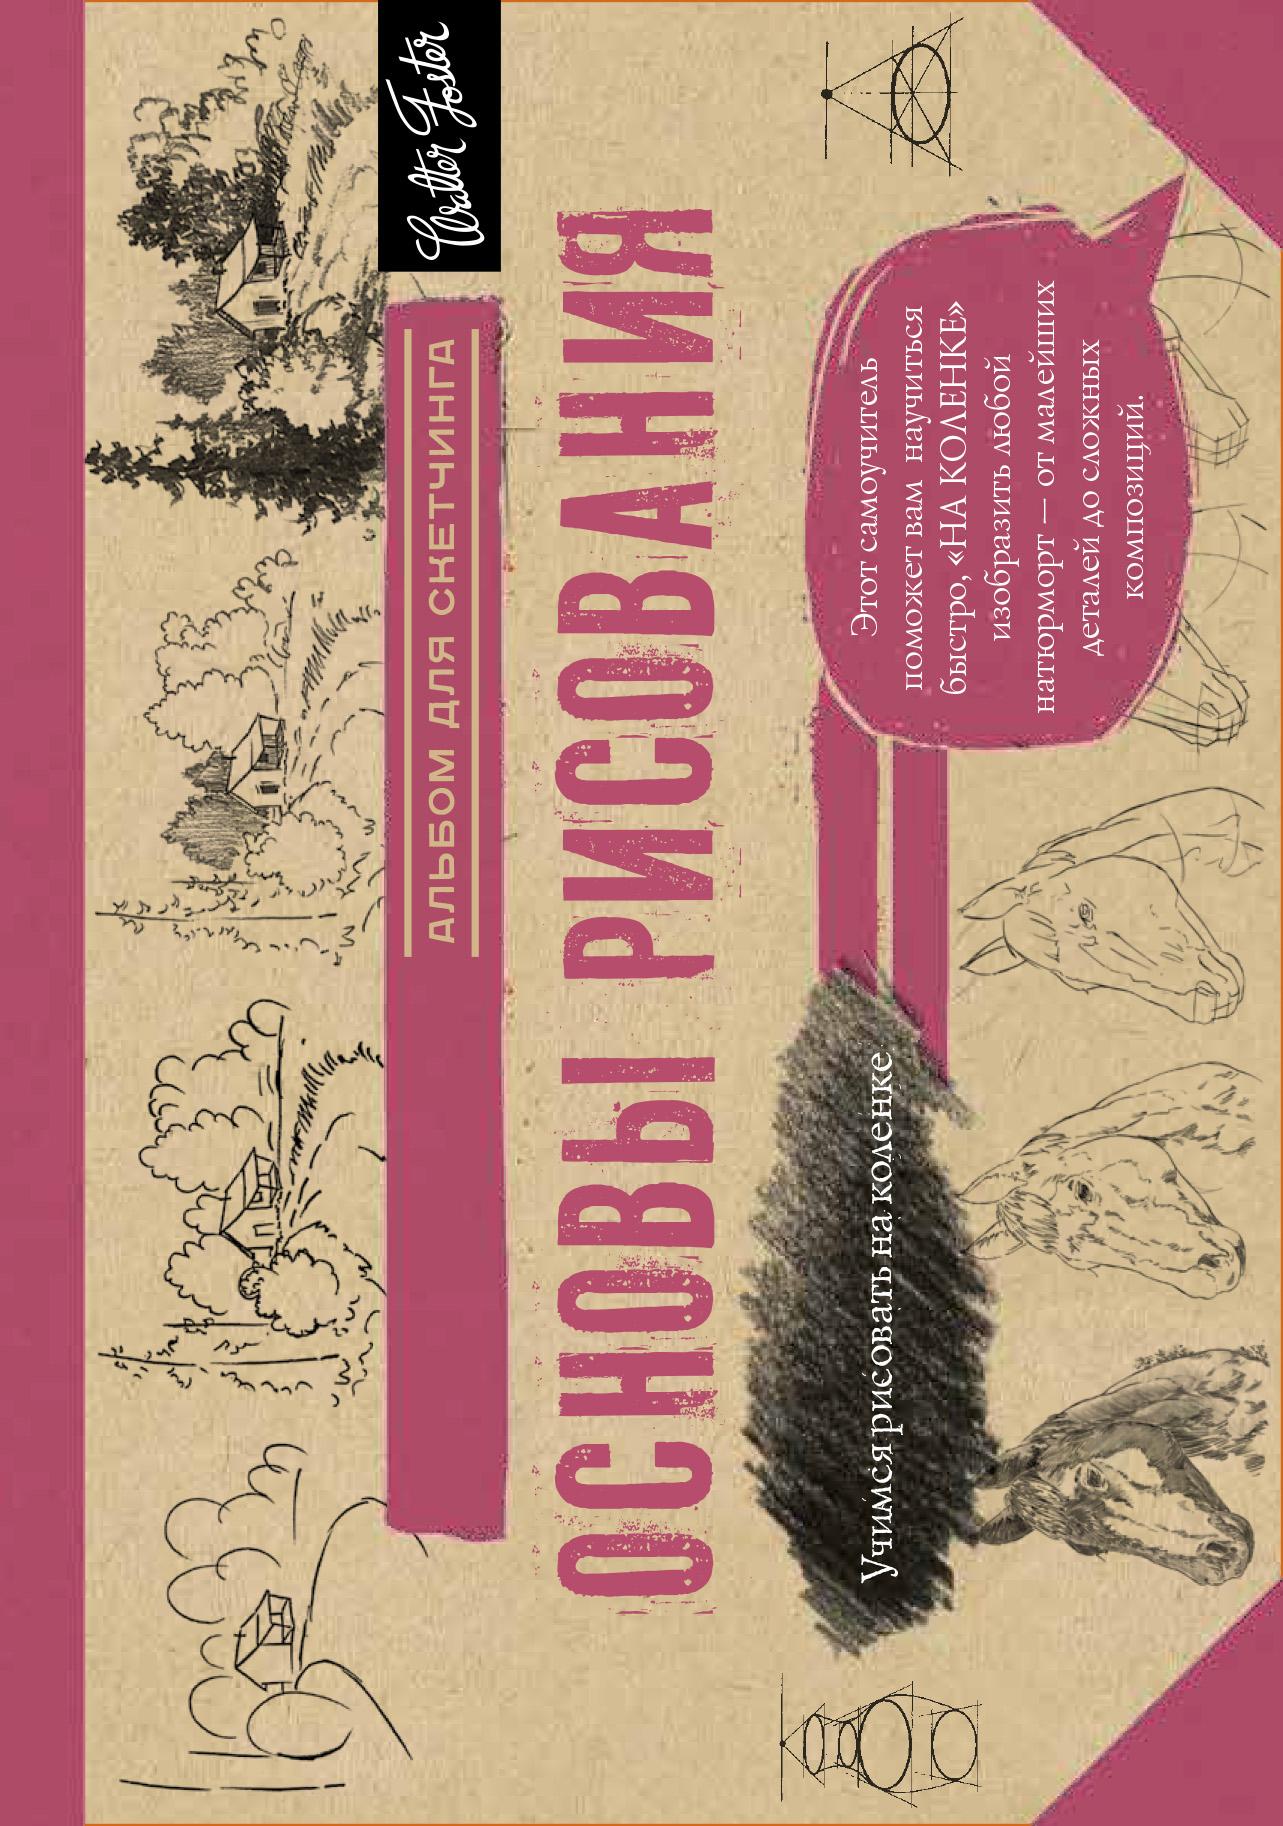 Бородычева И.С., Степанова А.Н. Основы рисования. Альбом для скетчинга цена